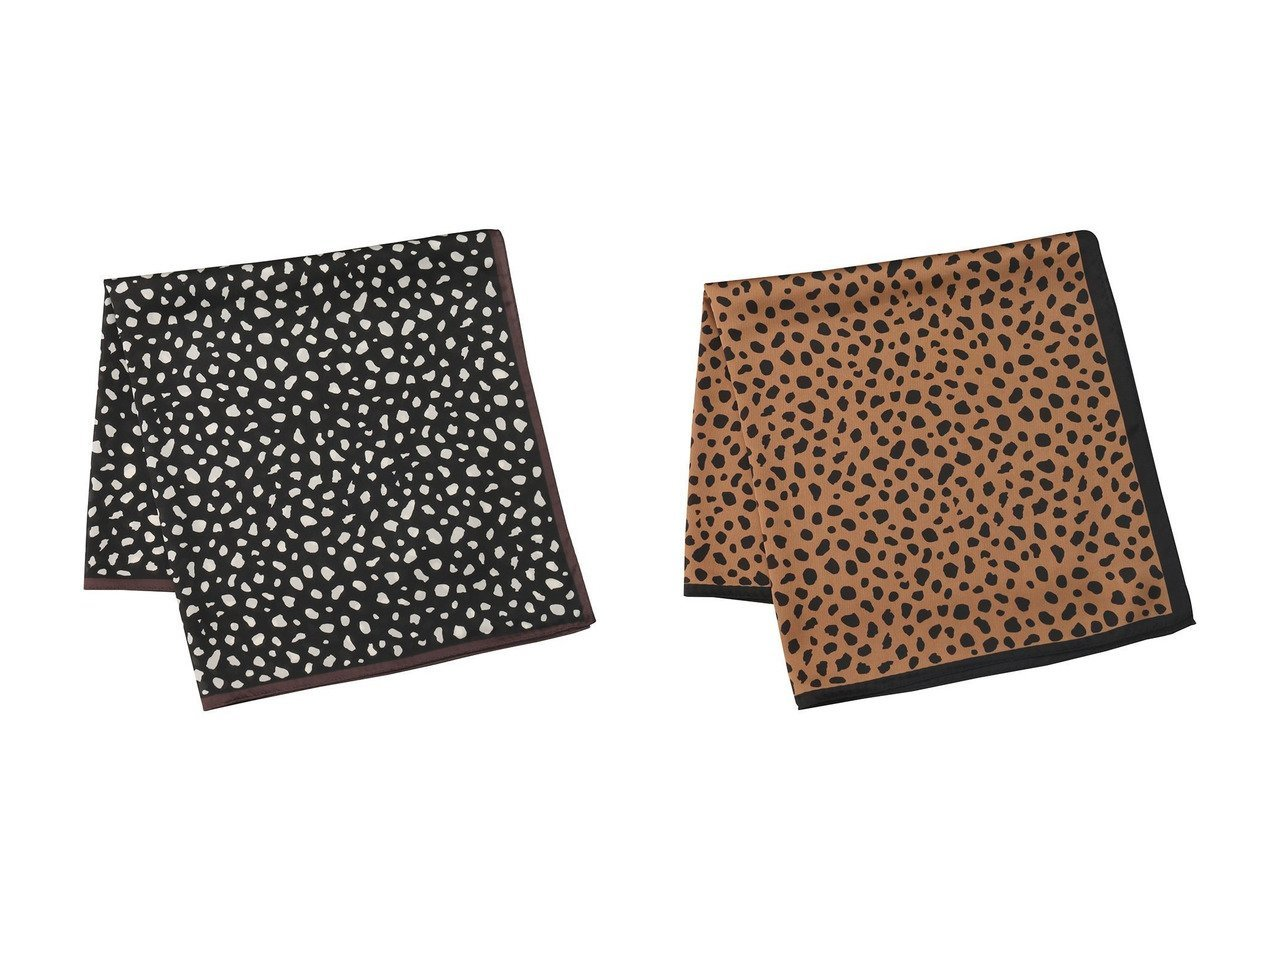 【JET/ジェット】の【JET LOSANGELES】プリントスカーフ おすすめ!人気、トレンド・レディースファッションの通販 おすすめで人気の流行・トレンド、ファッションの通販商品 メンズファッション・キッズファッション・インテリア・家具・レディースファッション・服の通販 founy(ファニー) https://founy.com/ ファッション Fashion レディースファッション WOMEN 2021年 2021 2021春夏・S/S SS/Spring/Summer/2021 S/S・春夏 SS・Spring/Summer アクセサリー スカーフ ドット プリント 帽子 春 Spring  ID:crp329100000025734